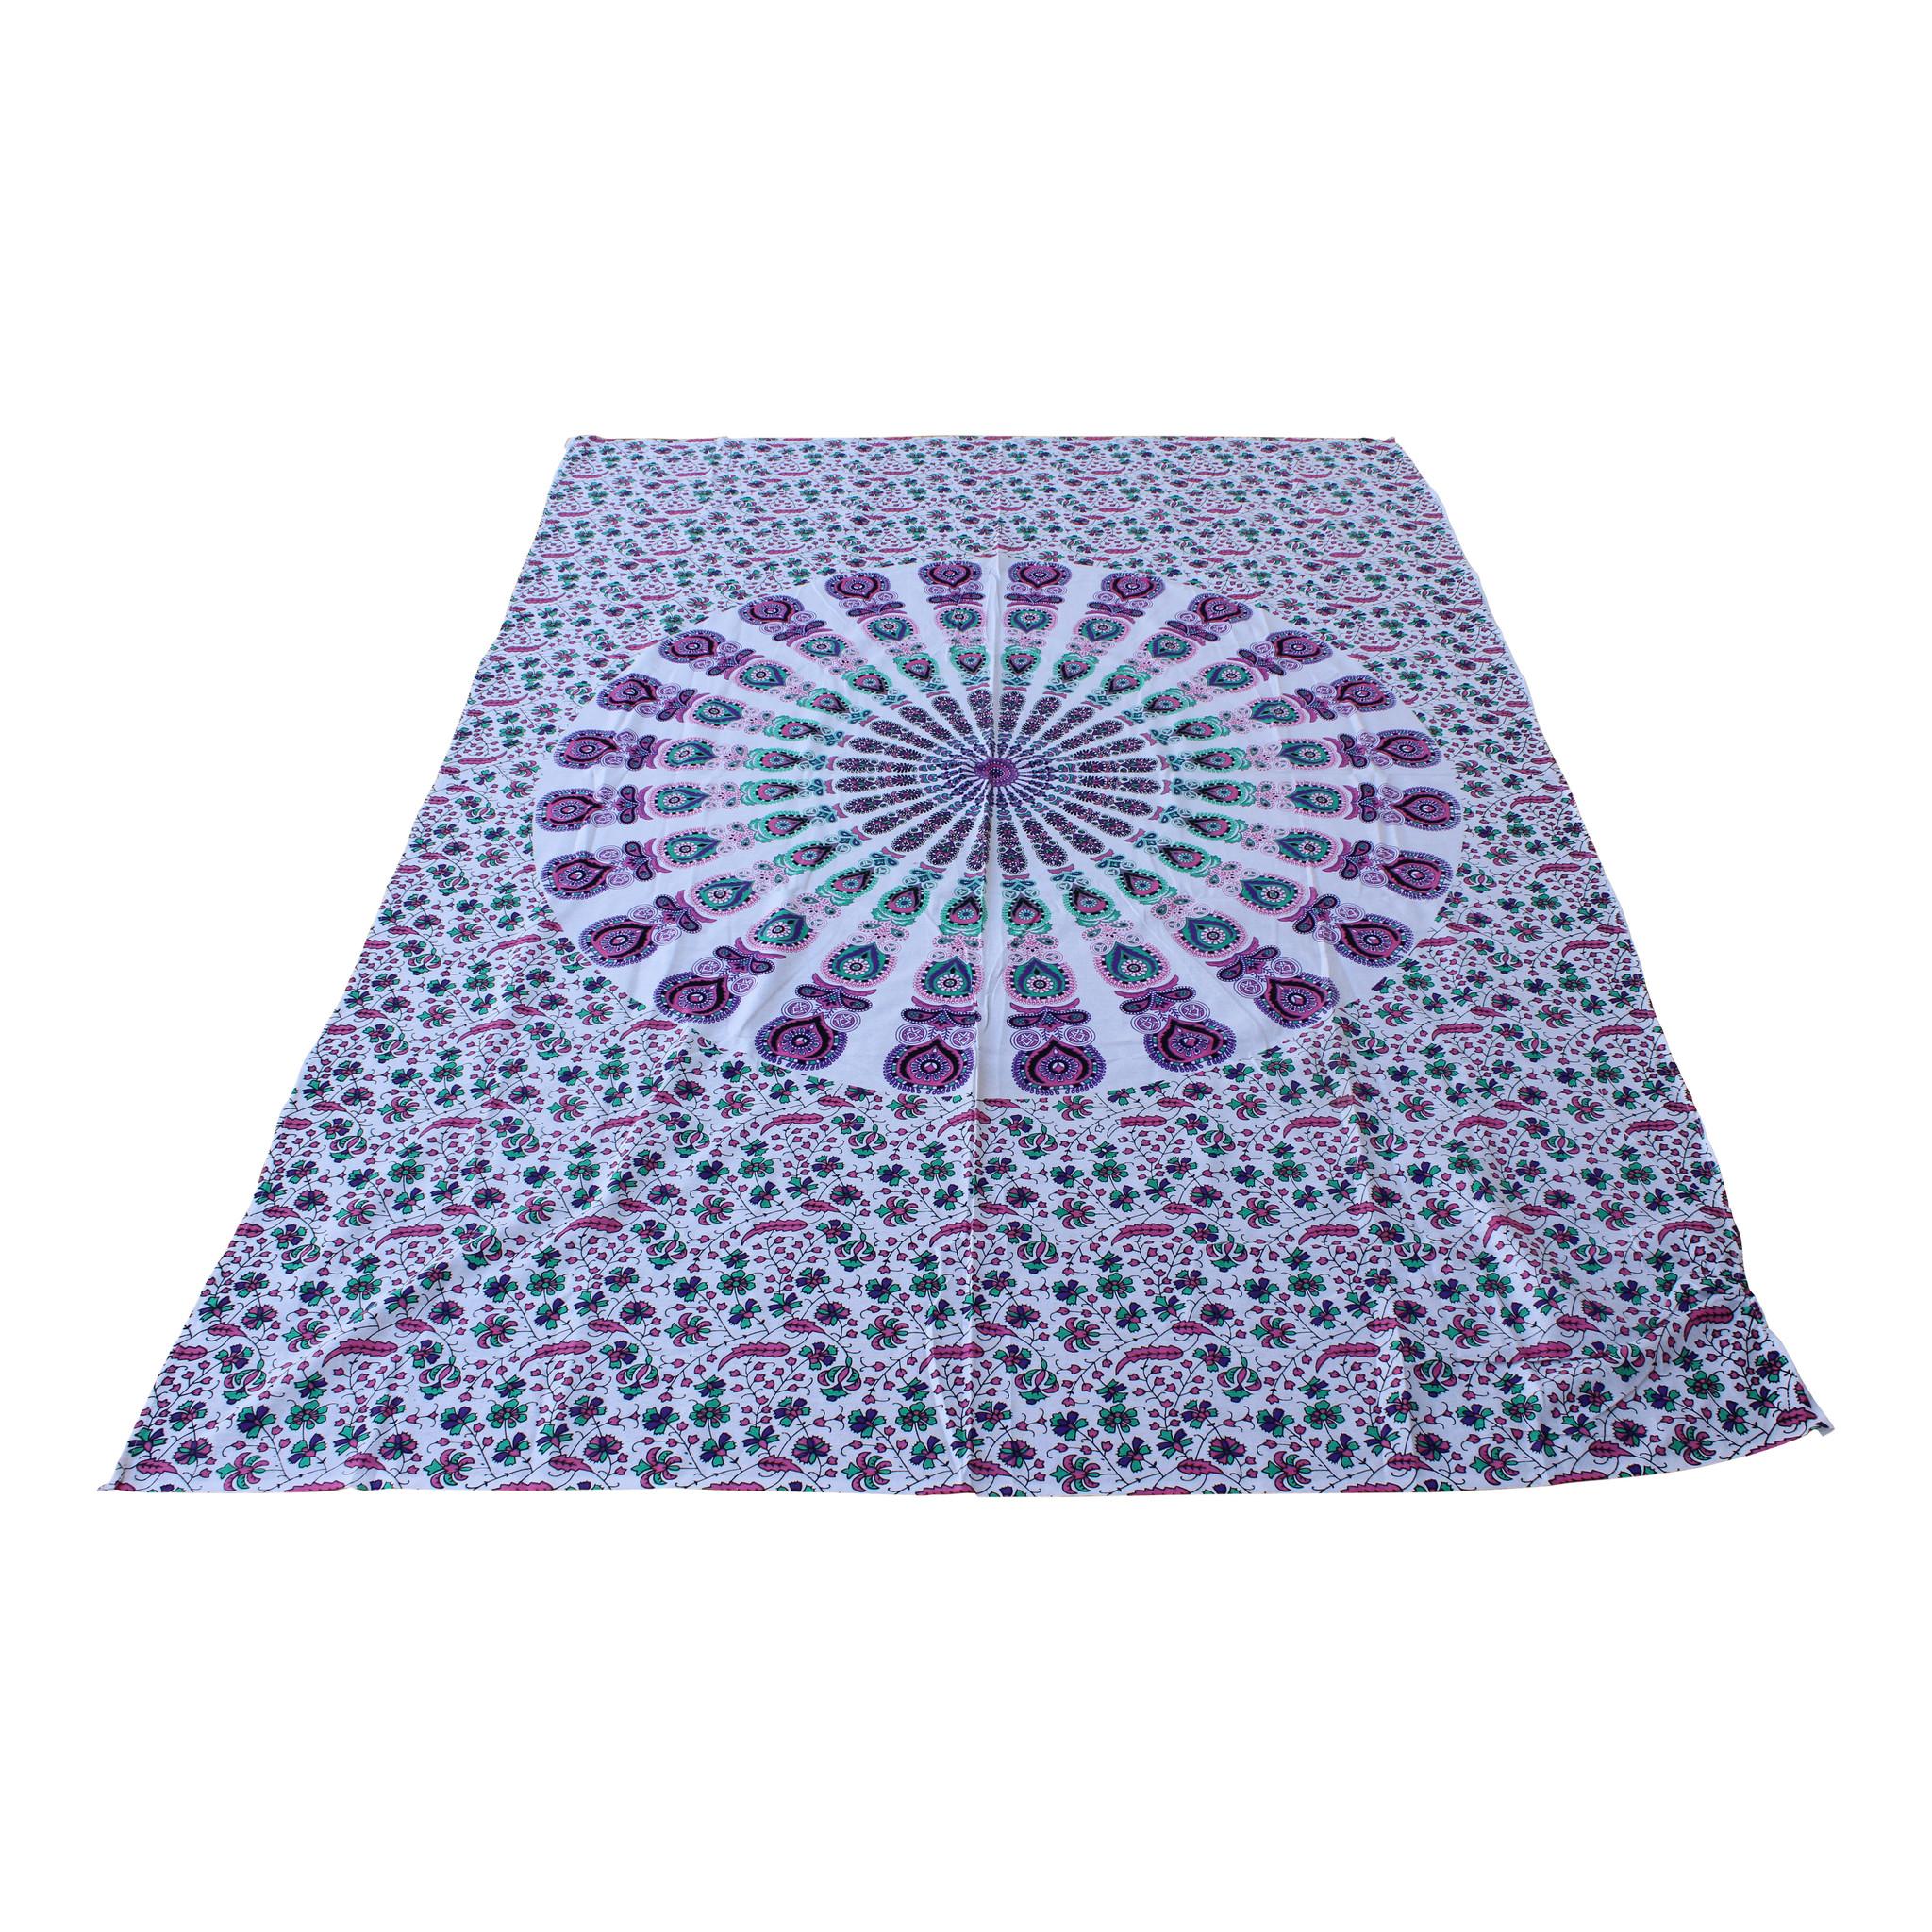 Myroundie Myroundie – roundie  - rechthoekig strandlaken – strandkleed - yoga kleed - picknickkleed - speelkleed - muurkleed - 100% katoen  - 140 x 210 cm - 809